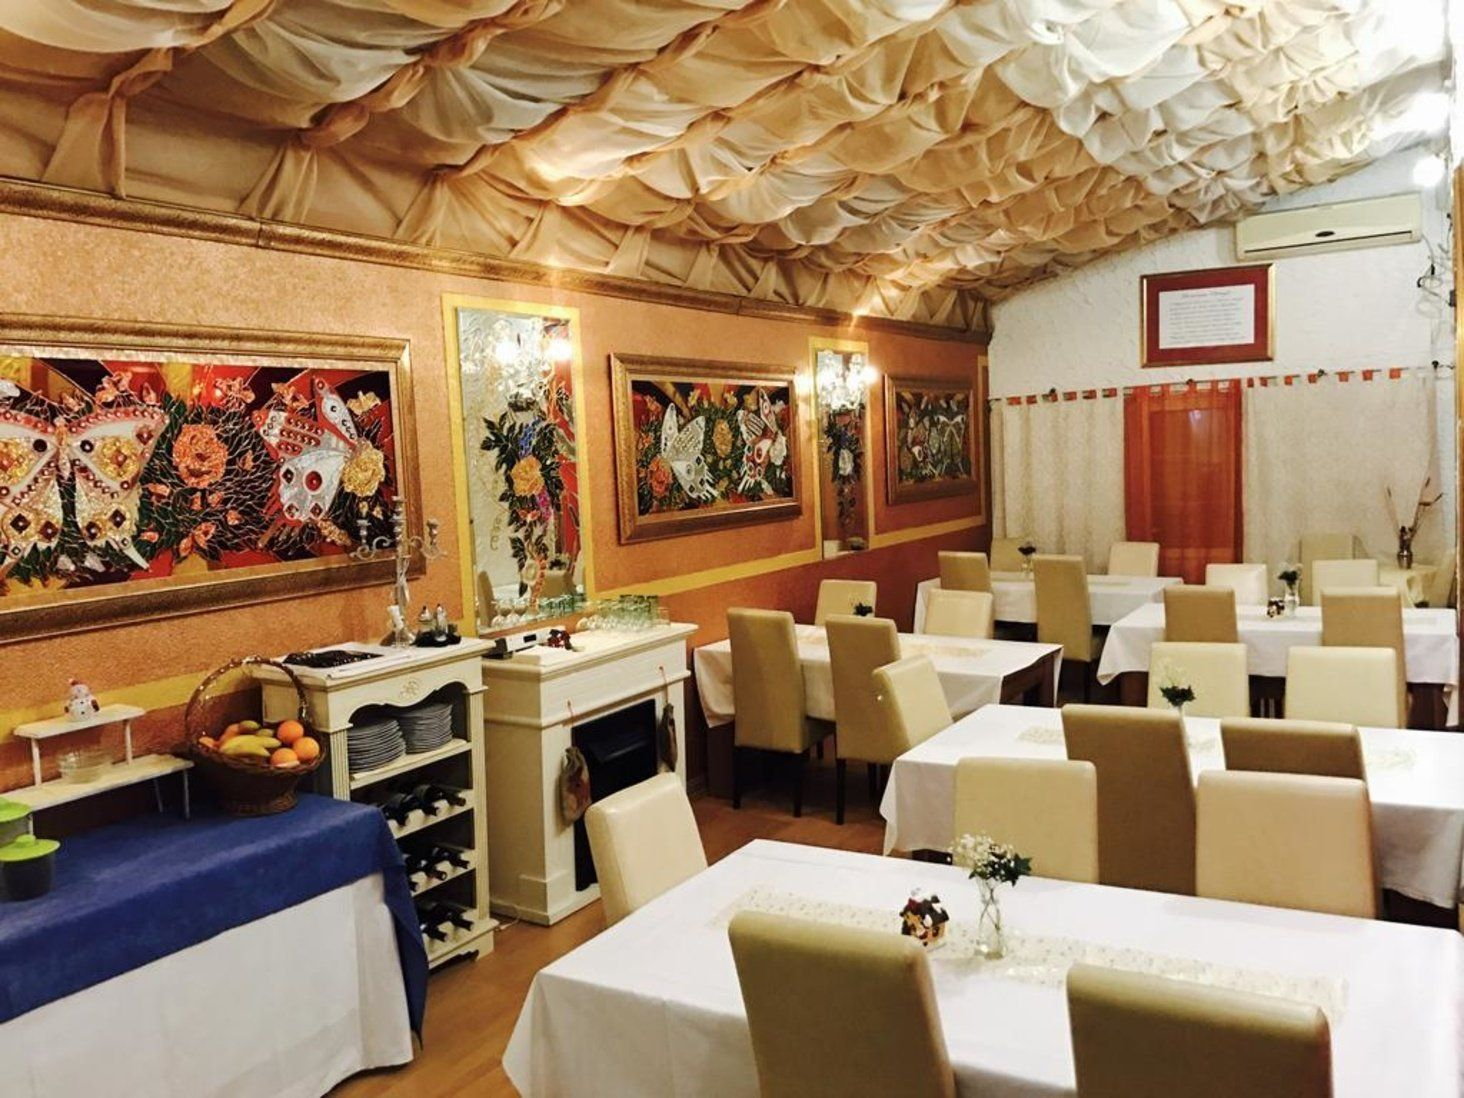 Schnappchen Angebot Kaufpreis Um 43 Reduziert 4 Sterne Hotel In Kroatien Dringend Zu Verkaufen Kroatien Croatia Hote Minibar Immobilien Immobilienkauf